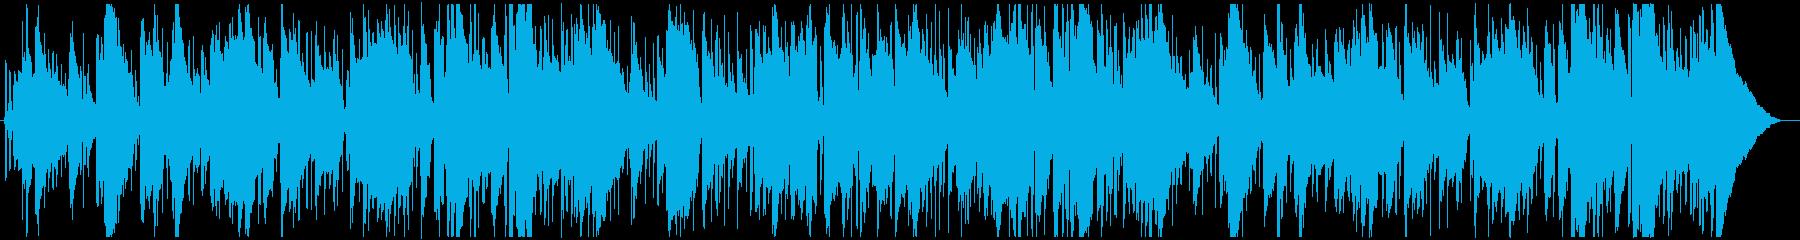 ジャズボサノヴァラテン。滑らかでリ...の再生済みの波形